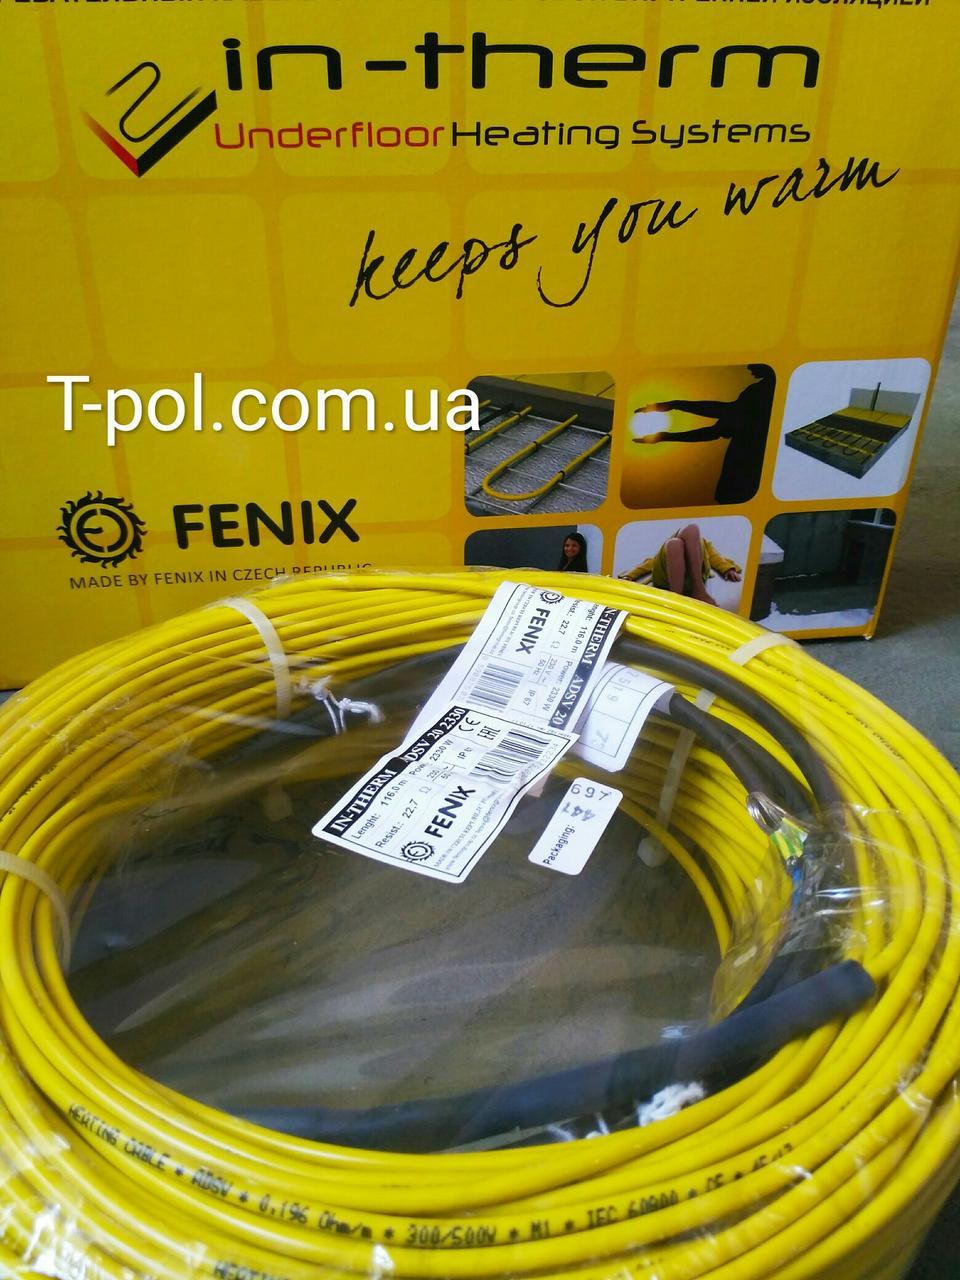 Двужильный экранированный нагревательный кабель adsv20 In-therm 1580 вт, 79 м